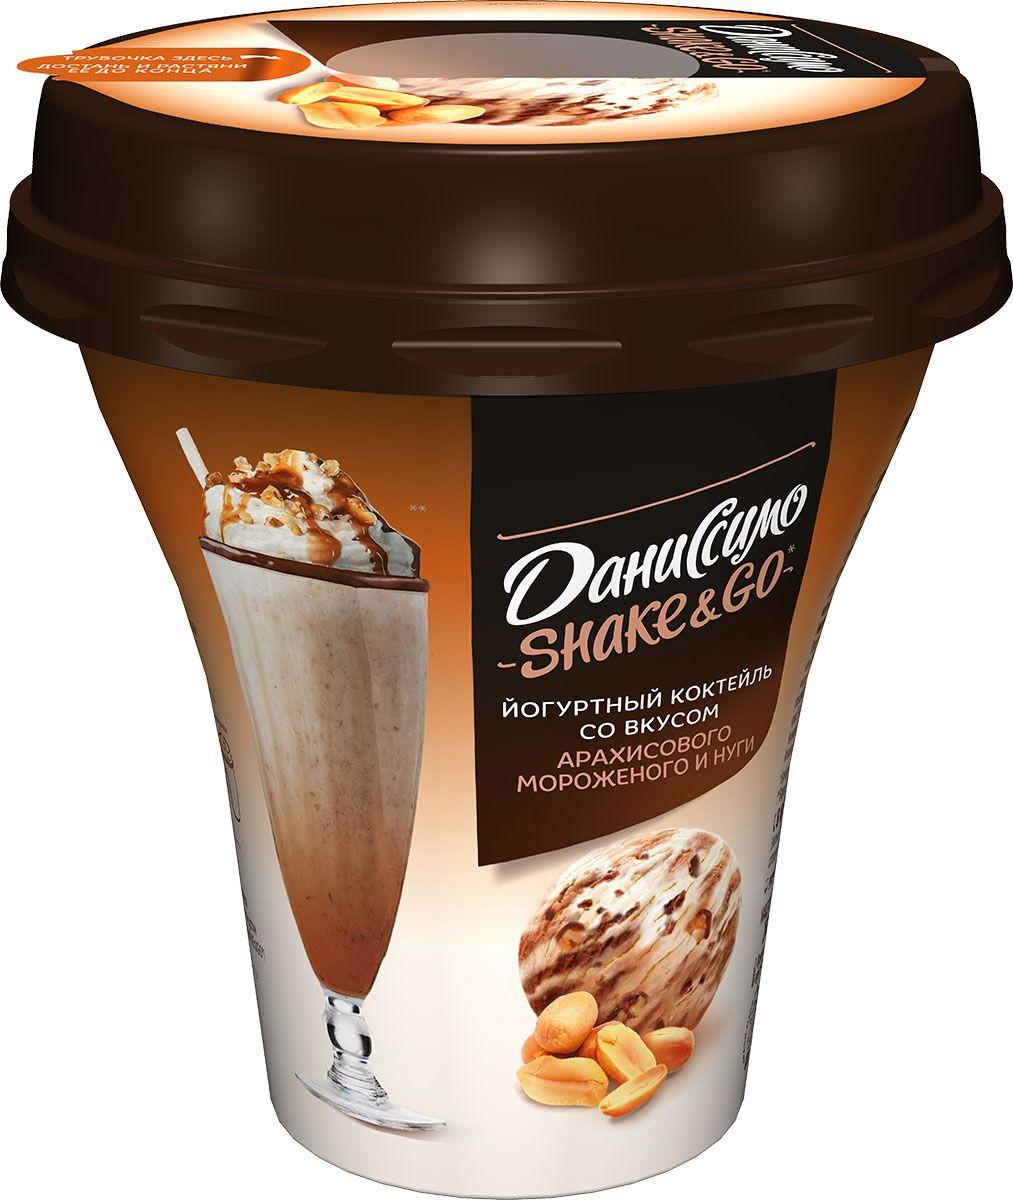 Даниссимо Shake&Go Йогуртный коктейль Арахисовое мороженое и Нуга 5,2%, 260 г олинеза лютеница домашняя 260 г